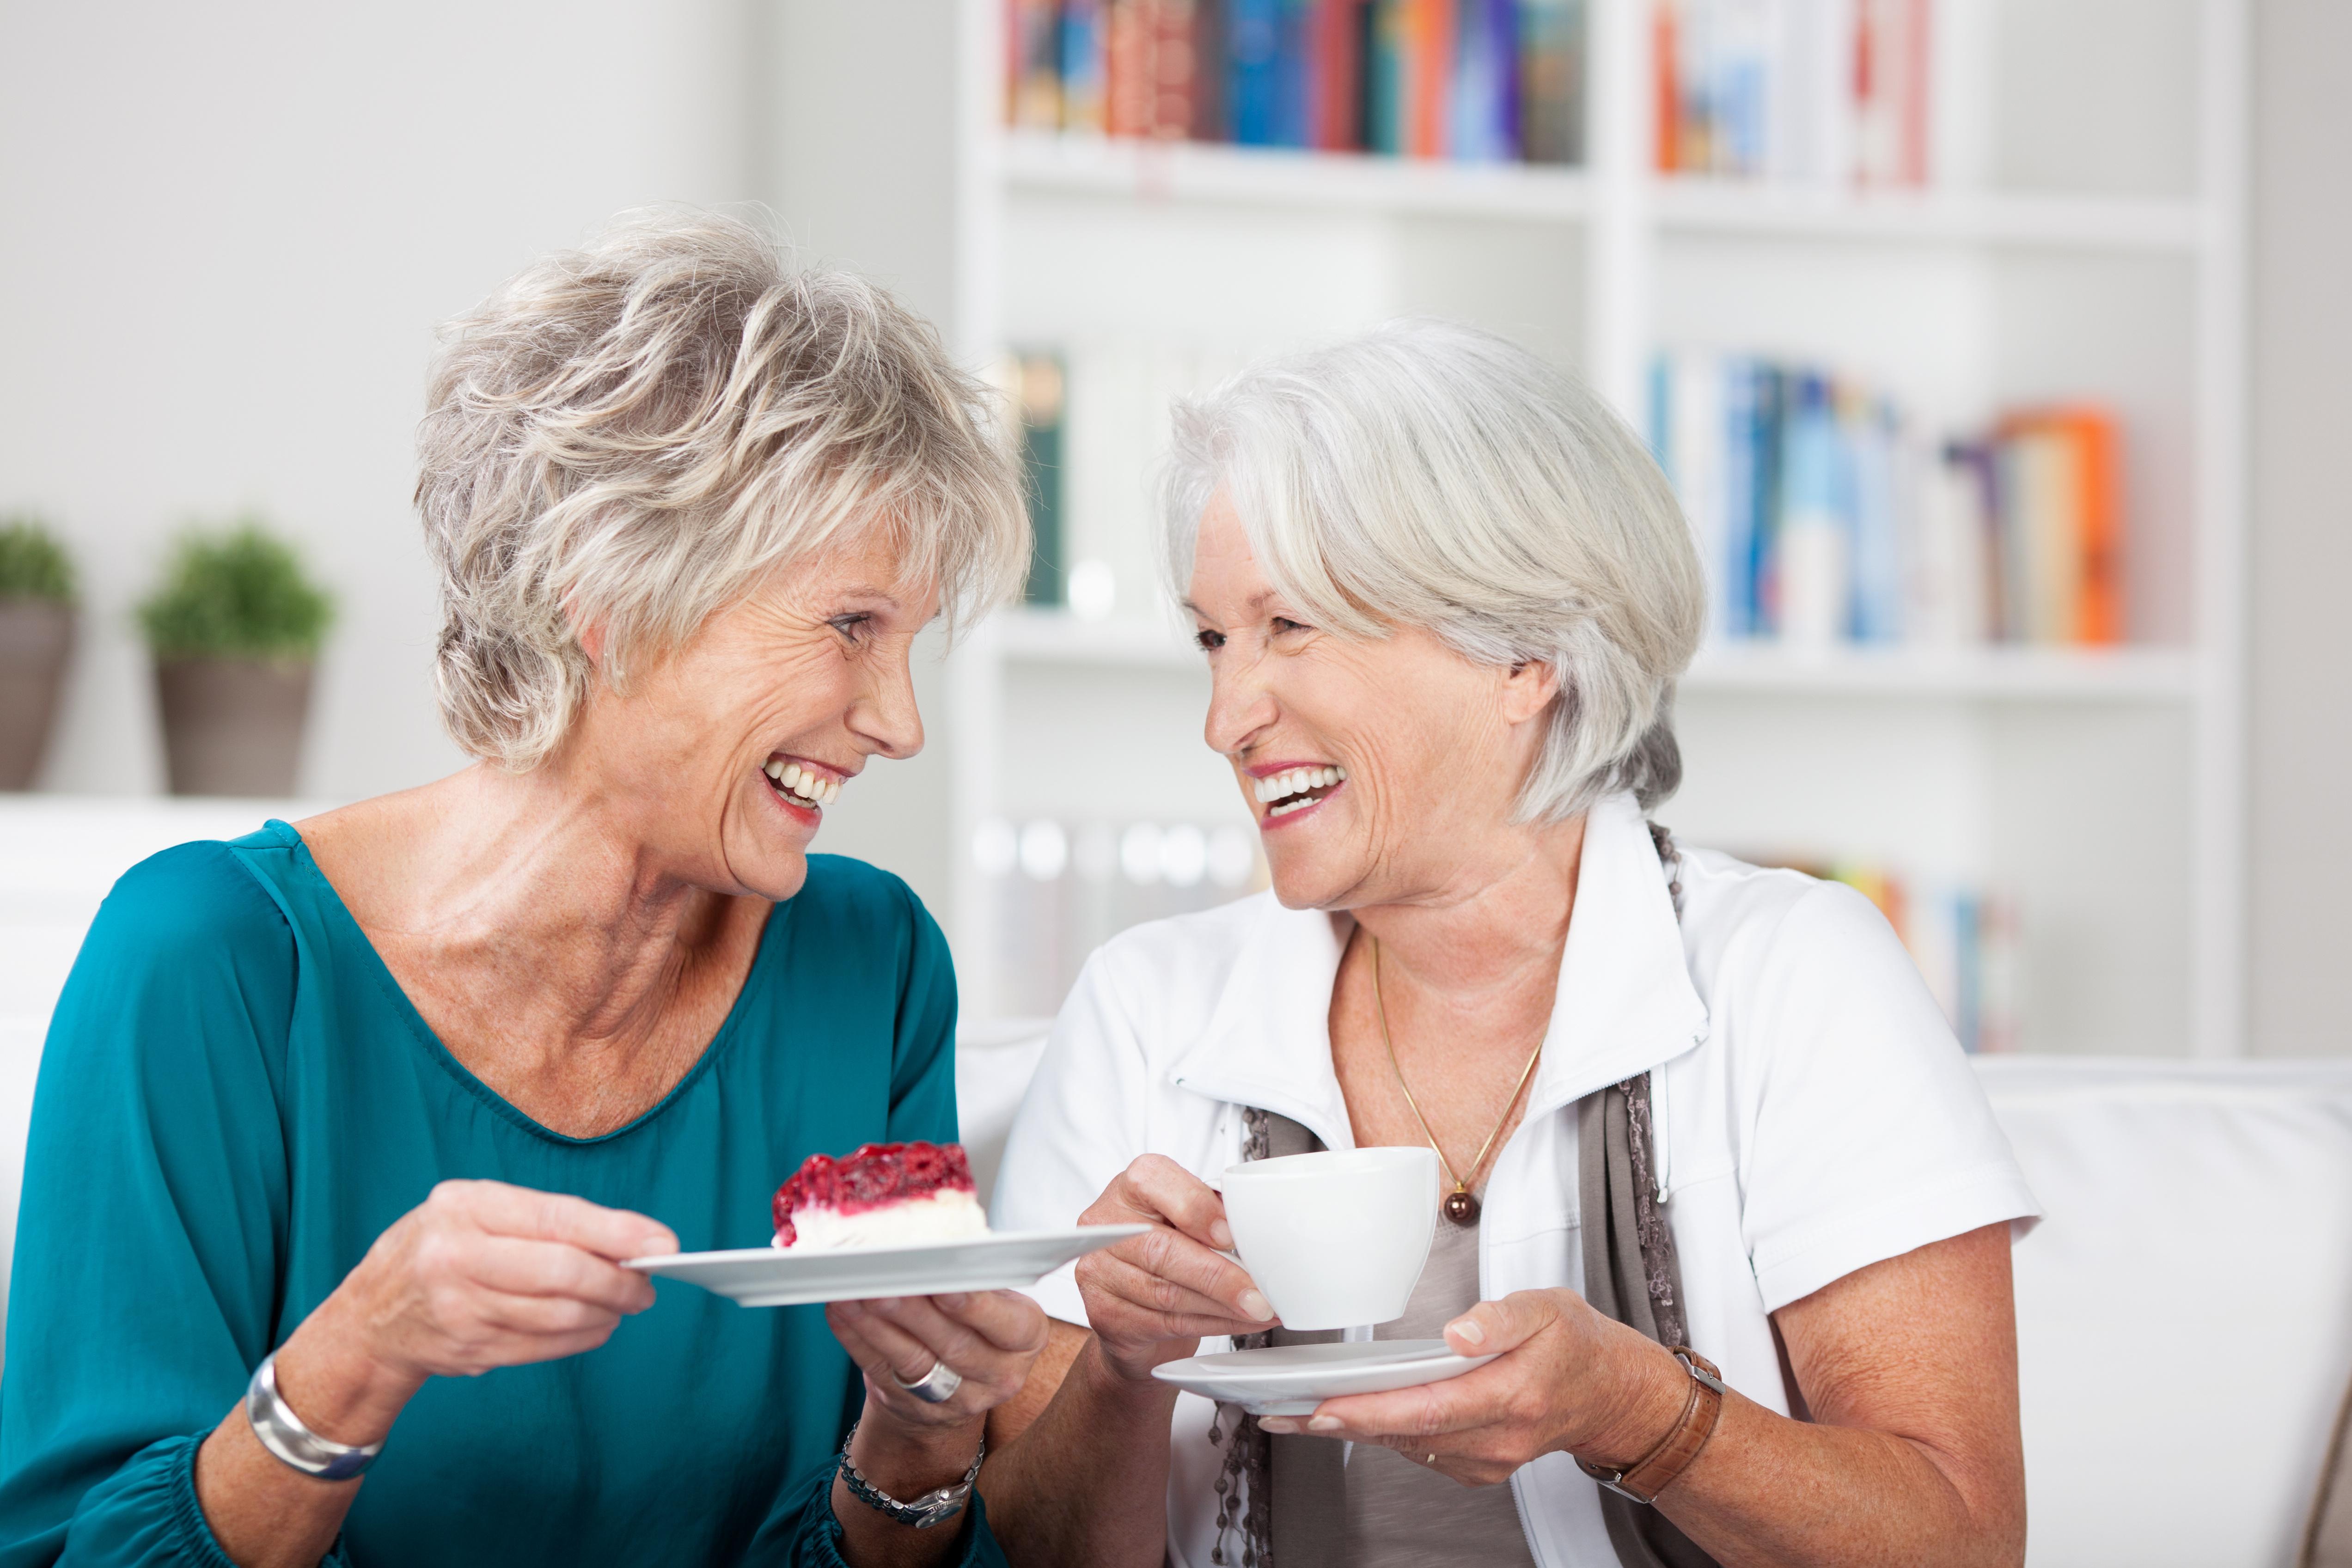 Aktiv und fit im besten Alter – trotz Ernährungssensibilität